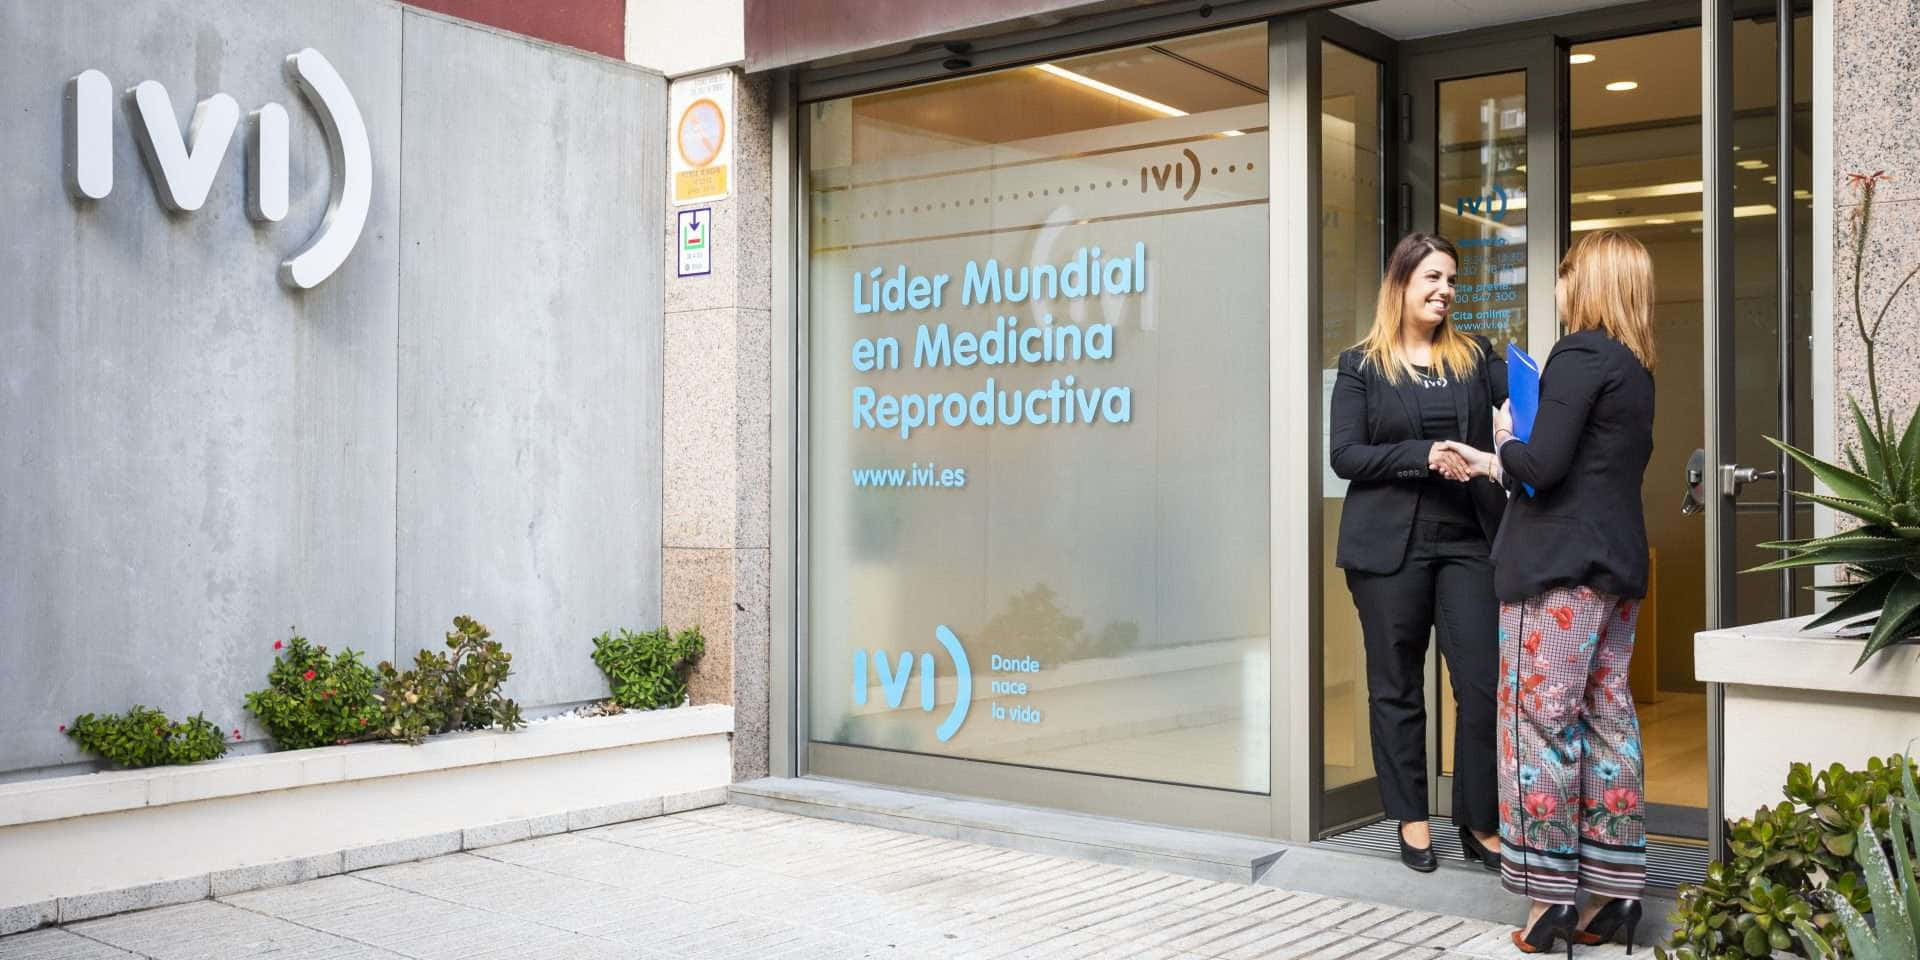 Exterior clínica de reproducción Tenerife